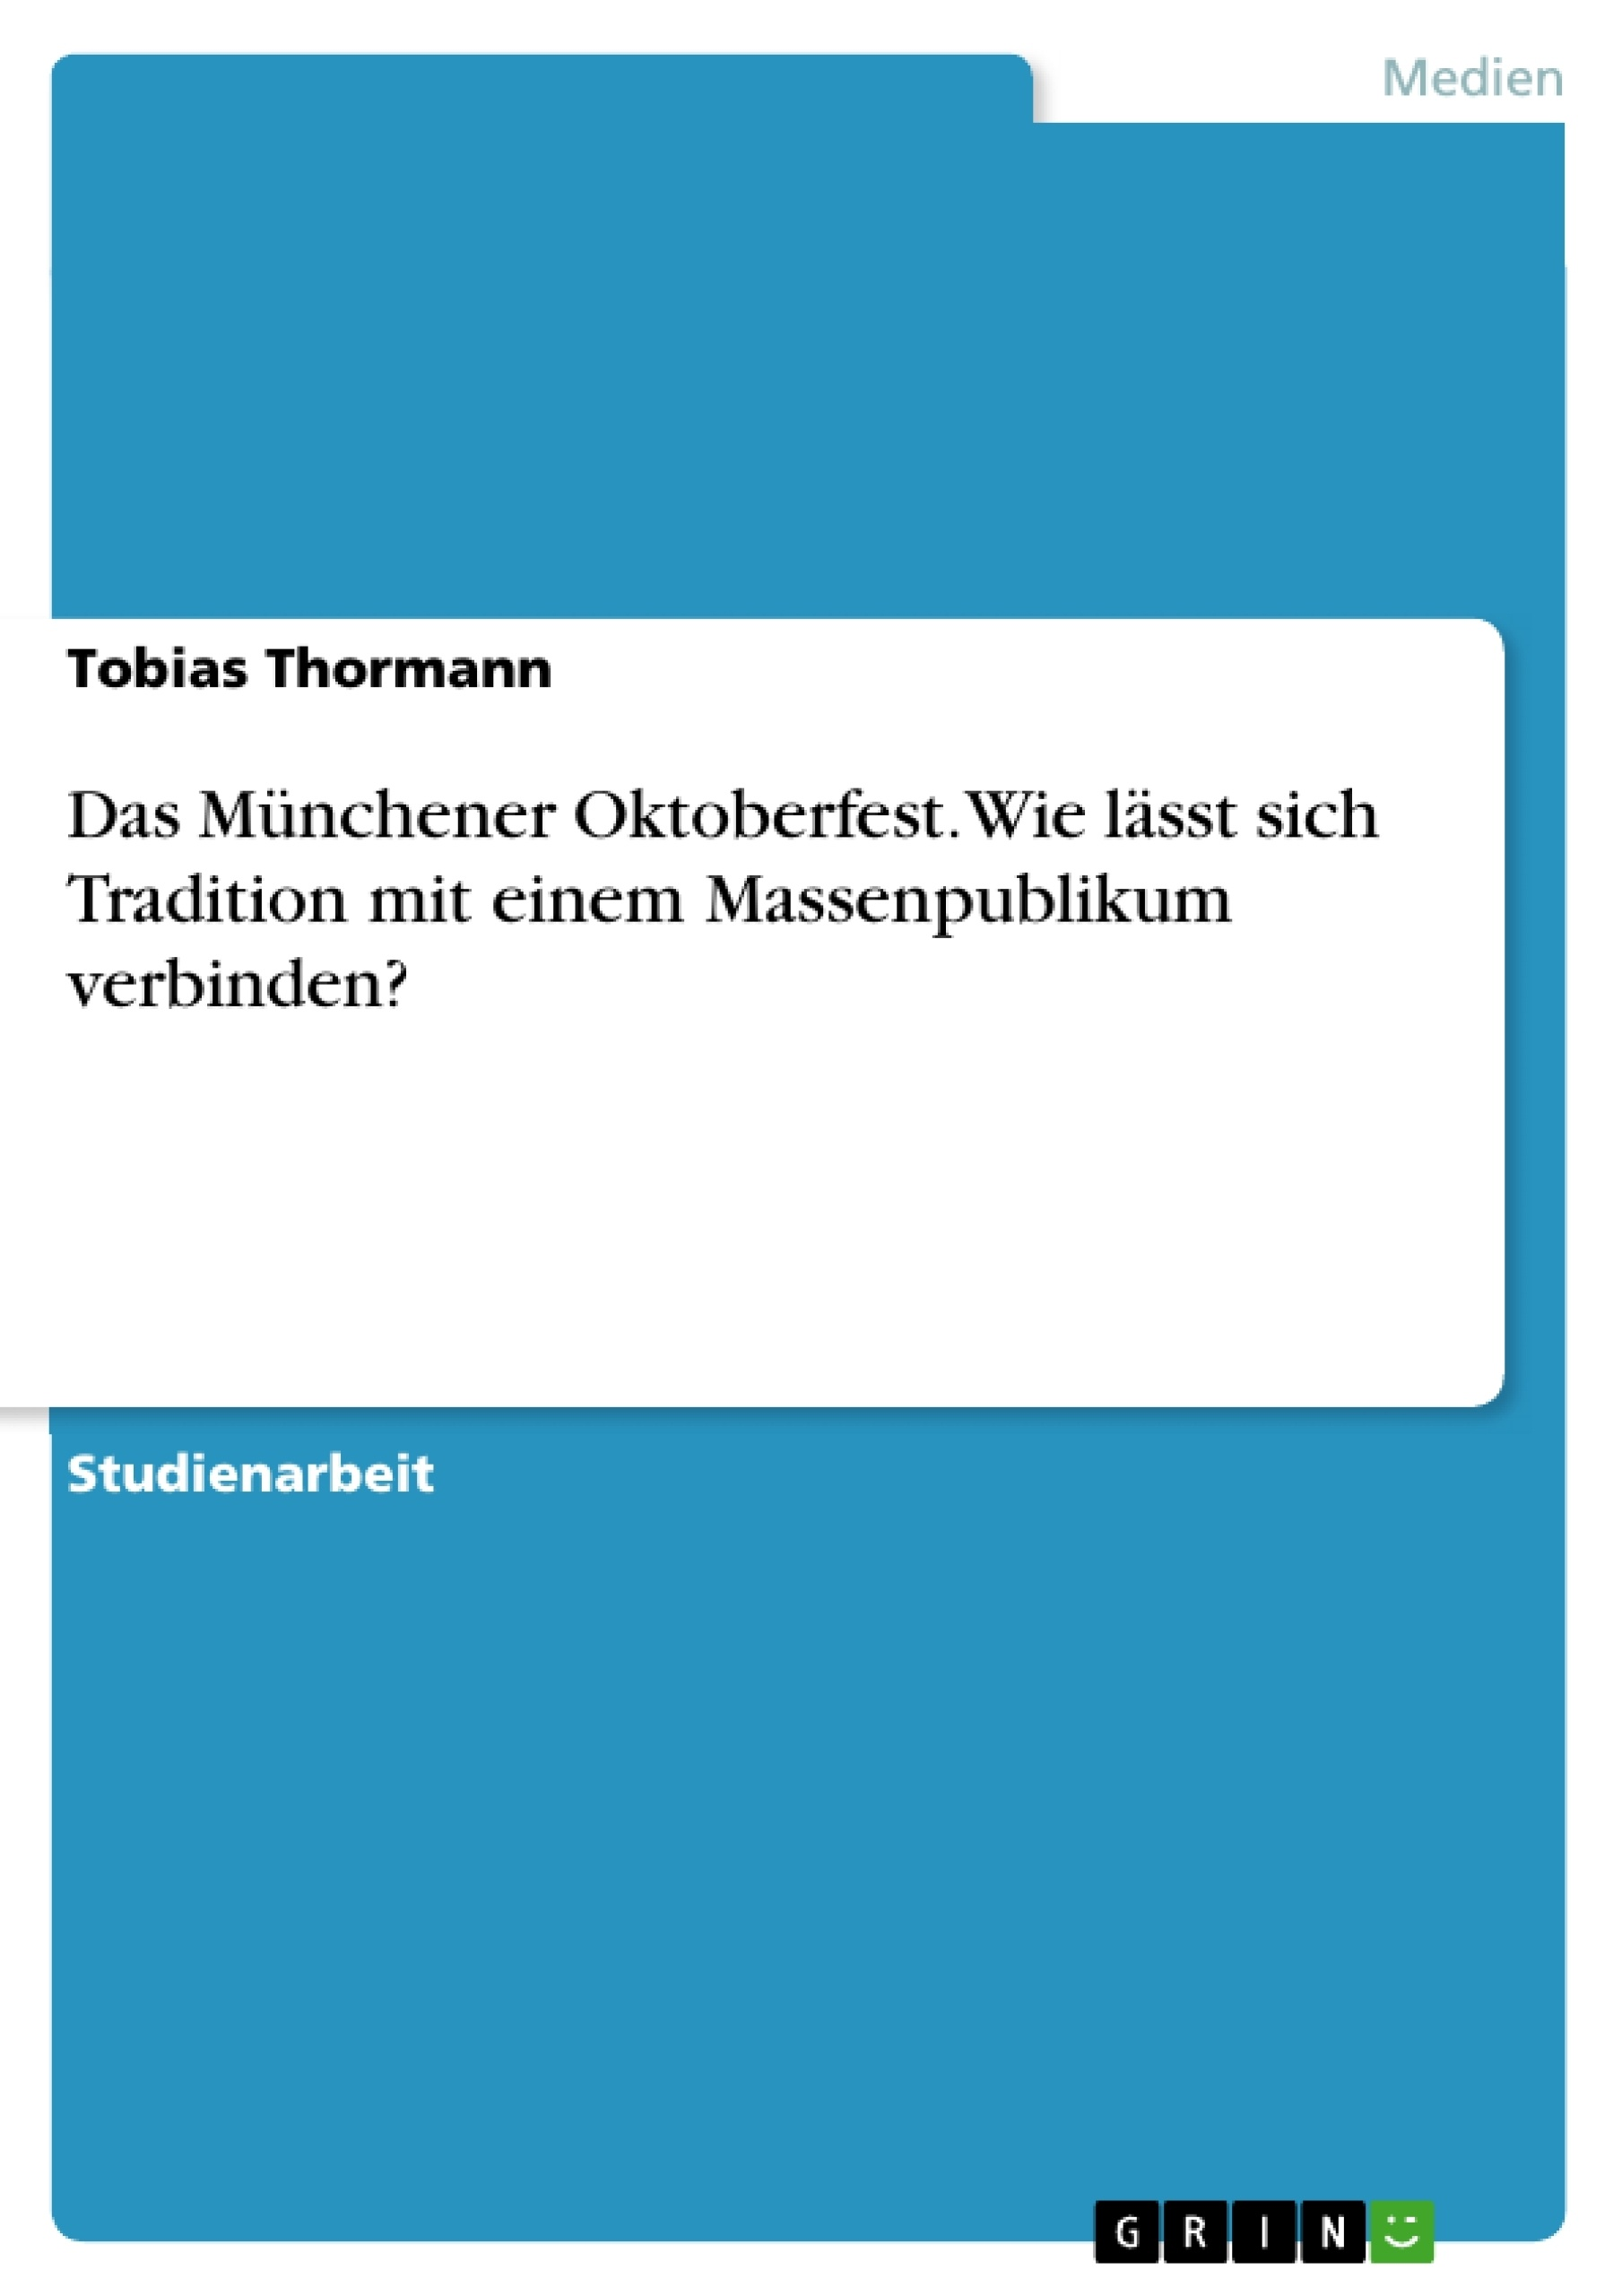 Titel: Das Münchener Oktoberfest. Wie lässt sich Tradition mit einem Massenpublikum verbinden?